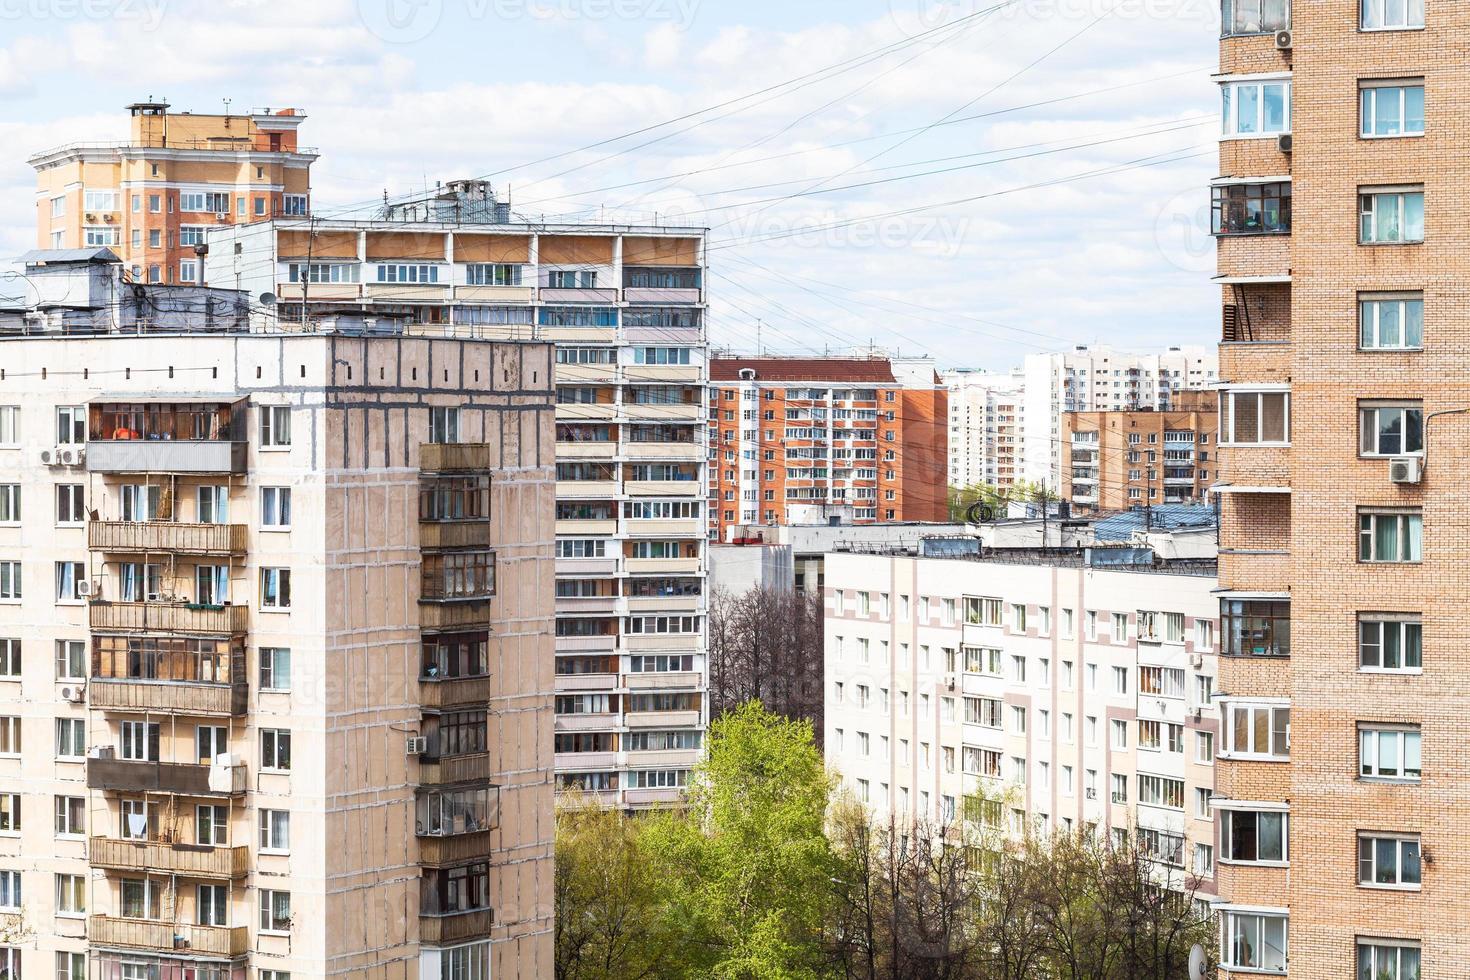 casas de muitos andares da cidade em dia de primavera foto